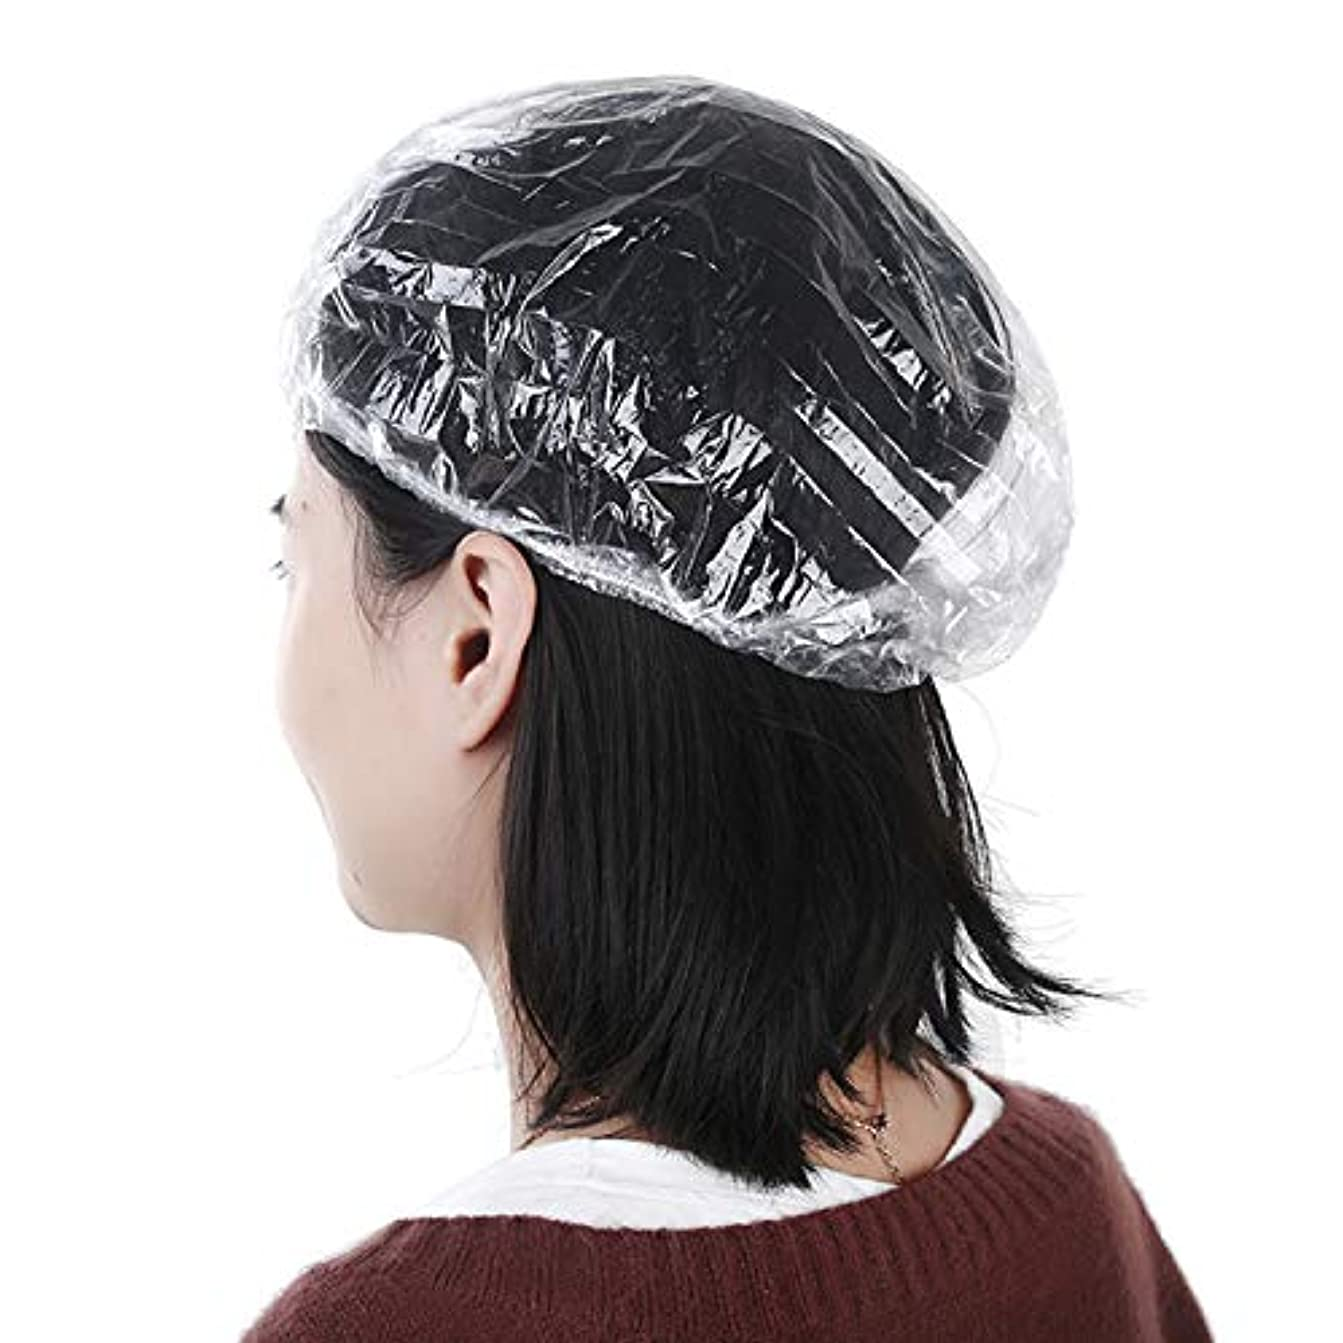 必需品圧縮非互換Kingsie 使い捨て シャワーキャップ ビニール ヘアキャップ 防水帽子 旅行 ホテル 業務用 100枚